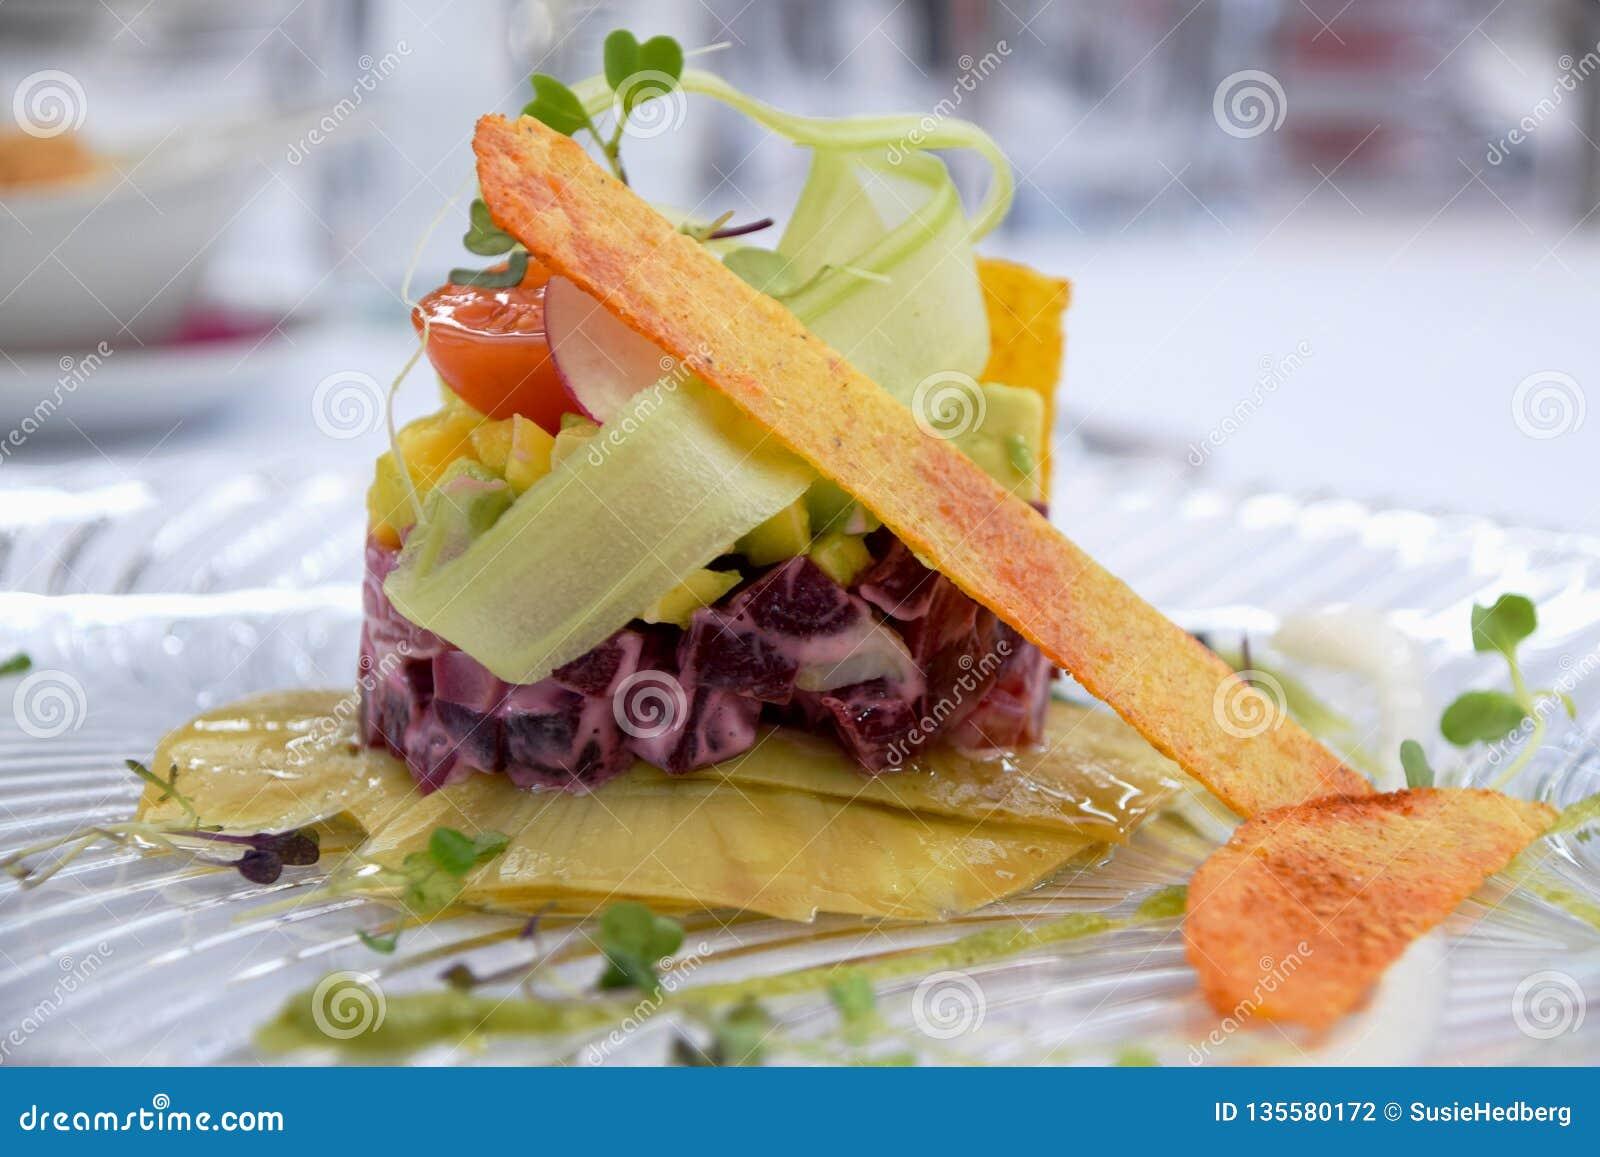 Vegetarische tandsteenschotel met bieten, graan, avocado, tomaten en wortelgewassen